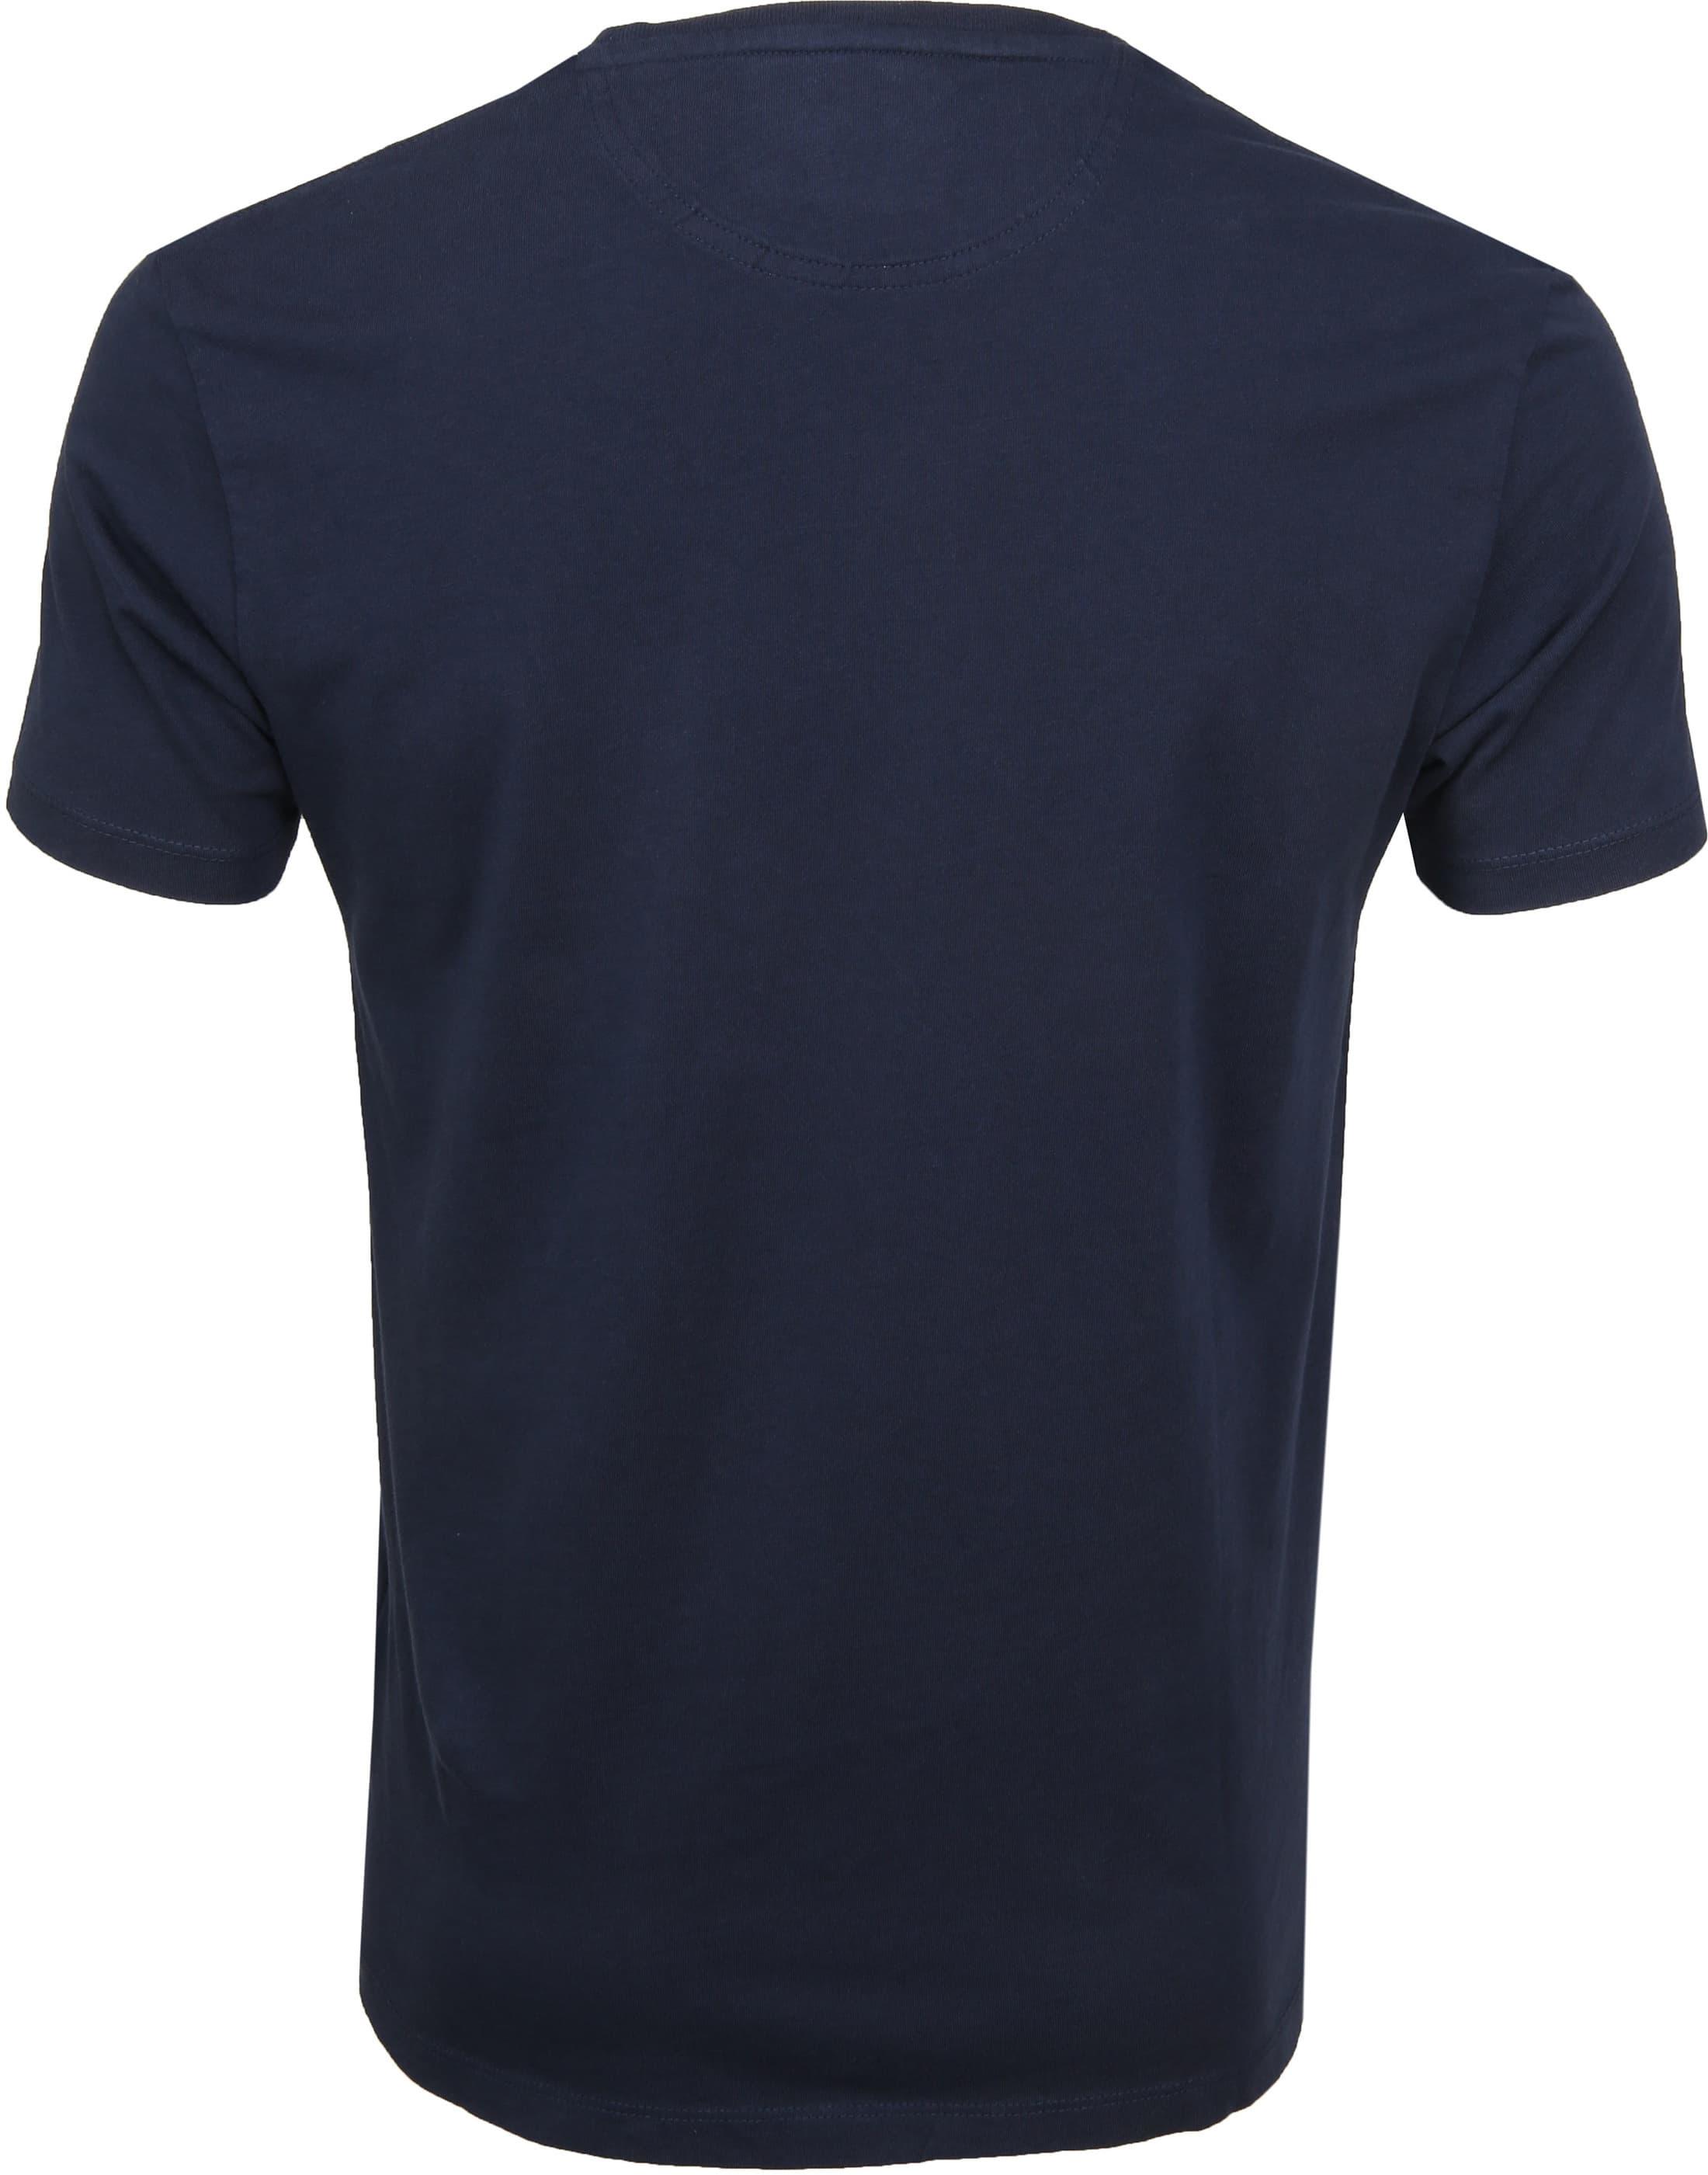 Timberland Dunstan T-shirt Navy foto 2